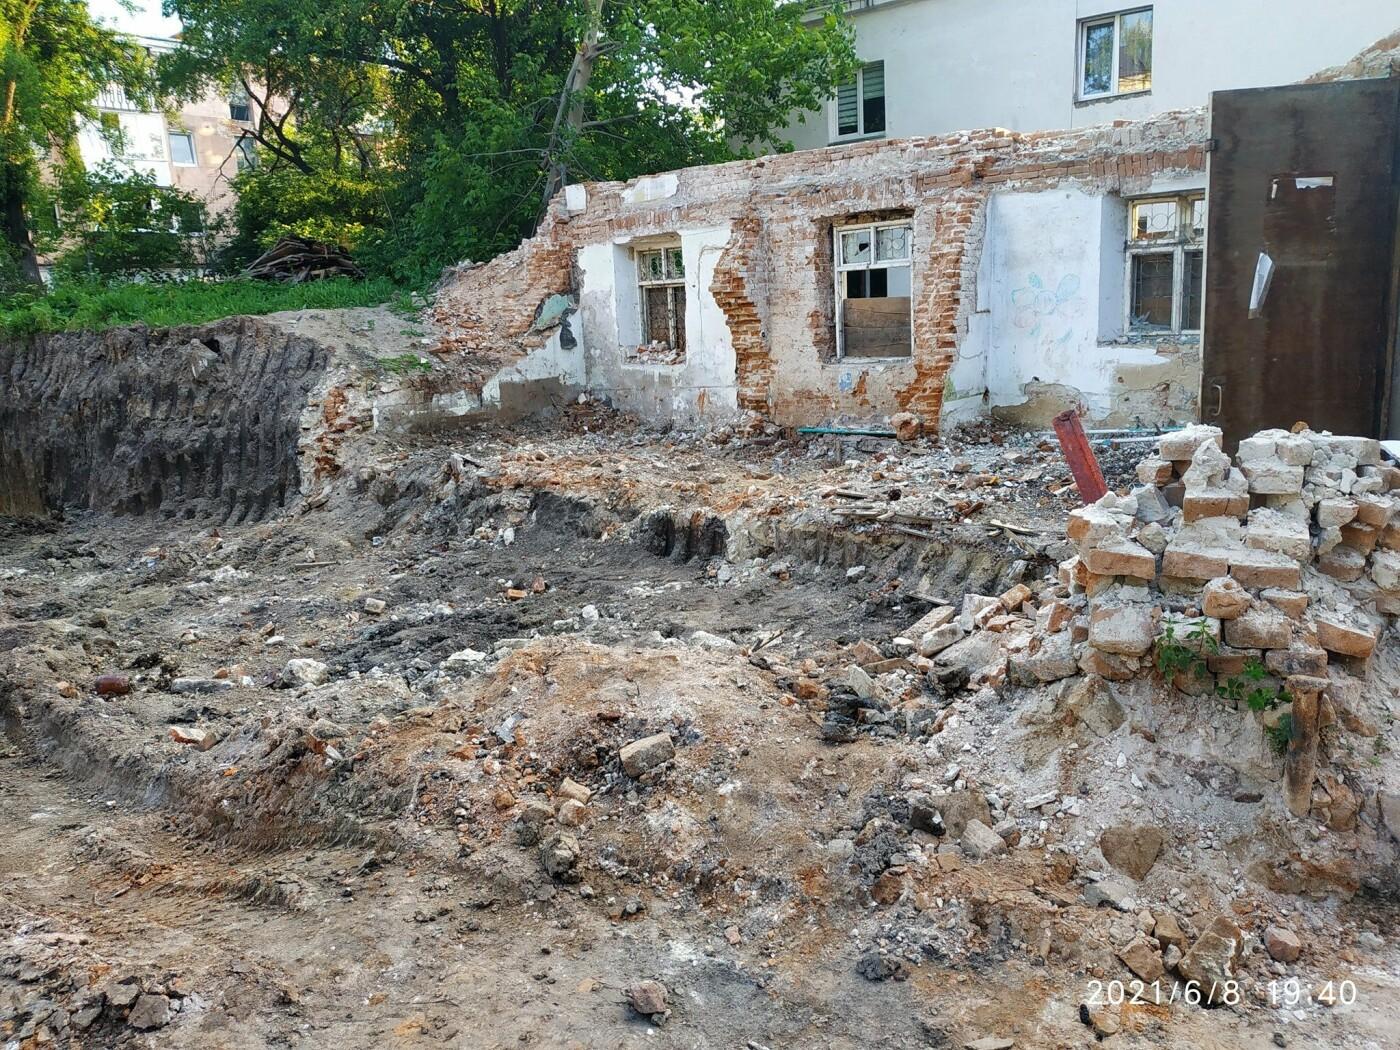 Моторошна знахідка: на будівельному майданчику у Тернополі викопали людські рештки (ФОТО), фото-3